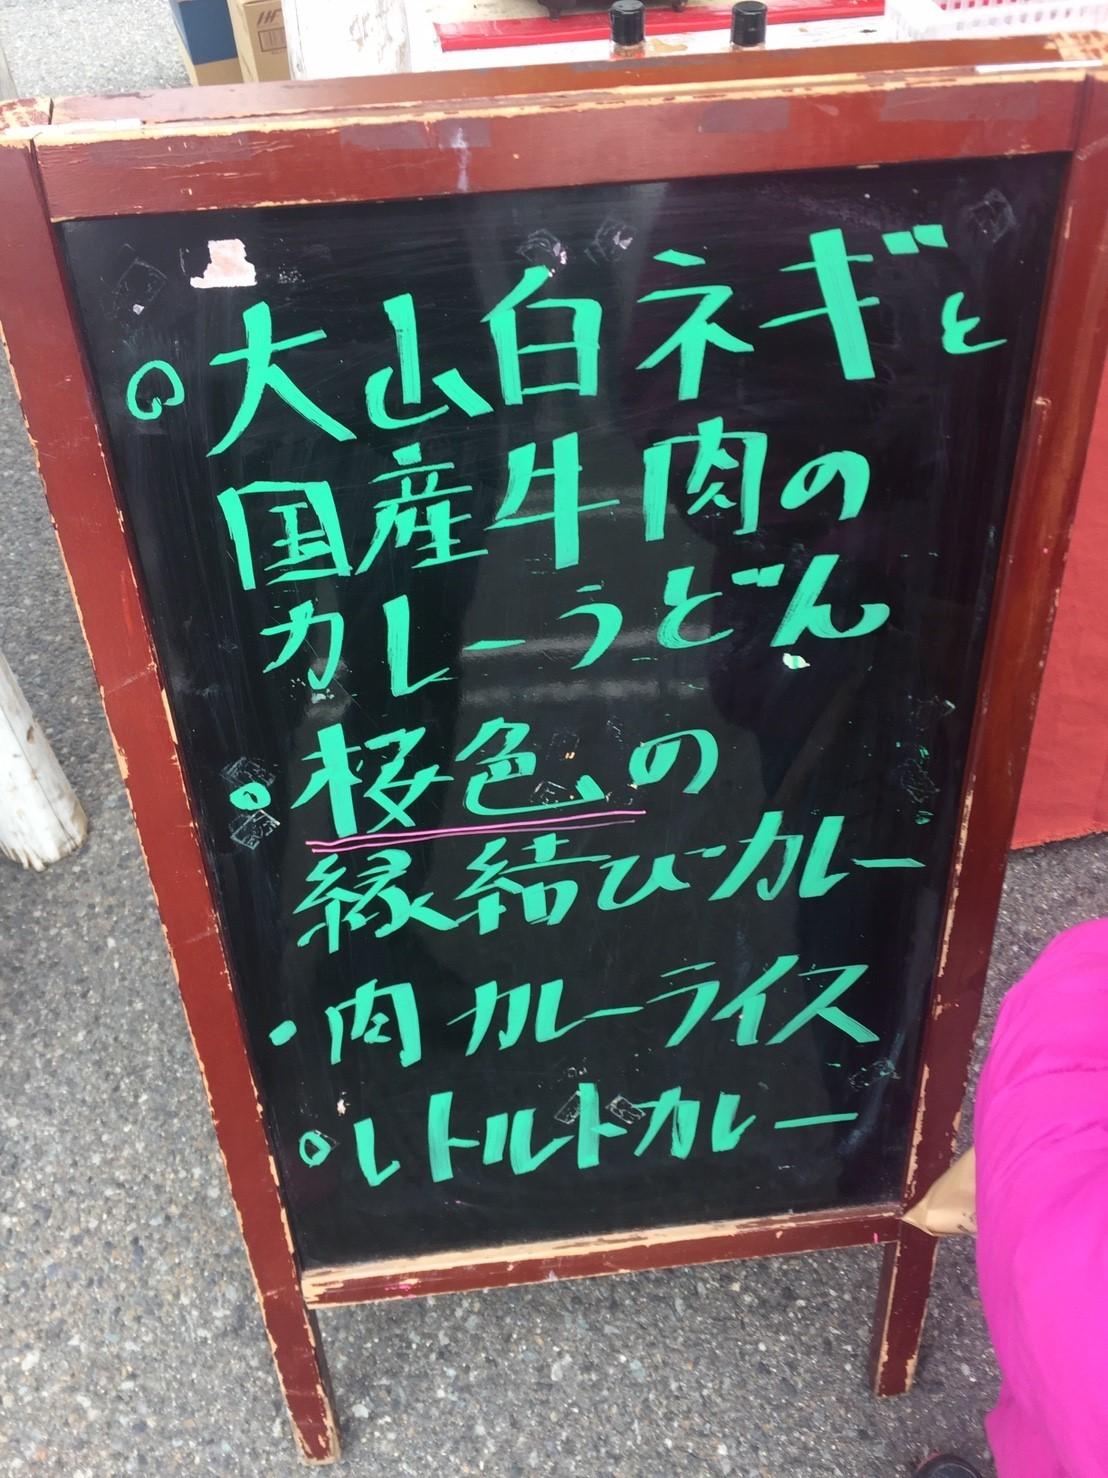 ラーメン放浪記 31  よなごマルシェ らーめん博 vol.2_e0115904_15553022.jpg